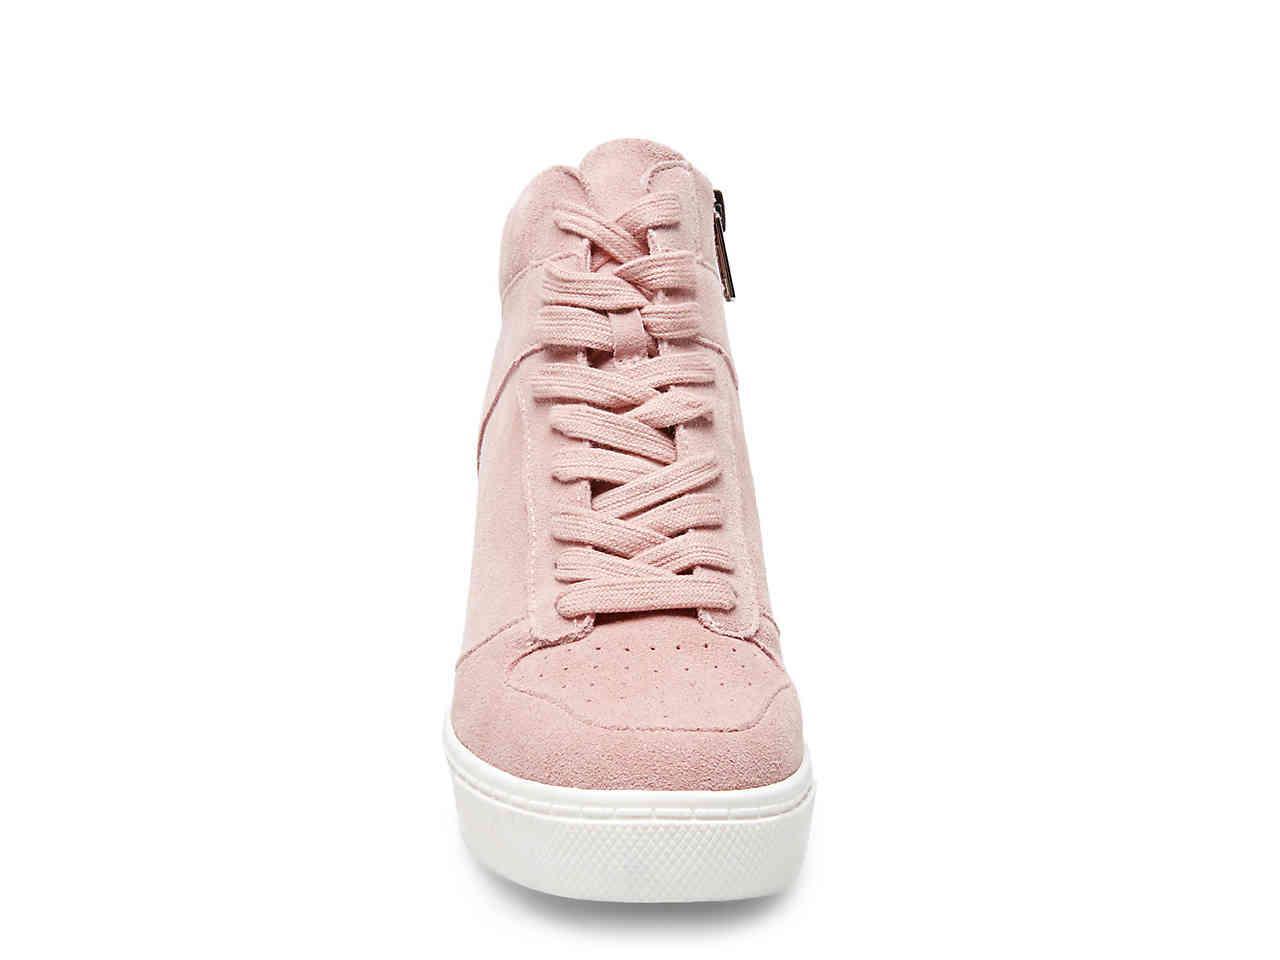 d88d84129ec5 Lyst - Steve Madden Noah Wedge Sneaker in Pink